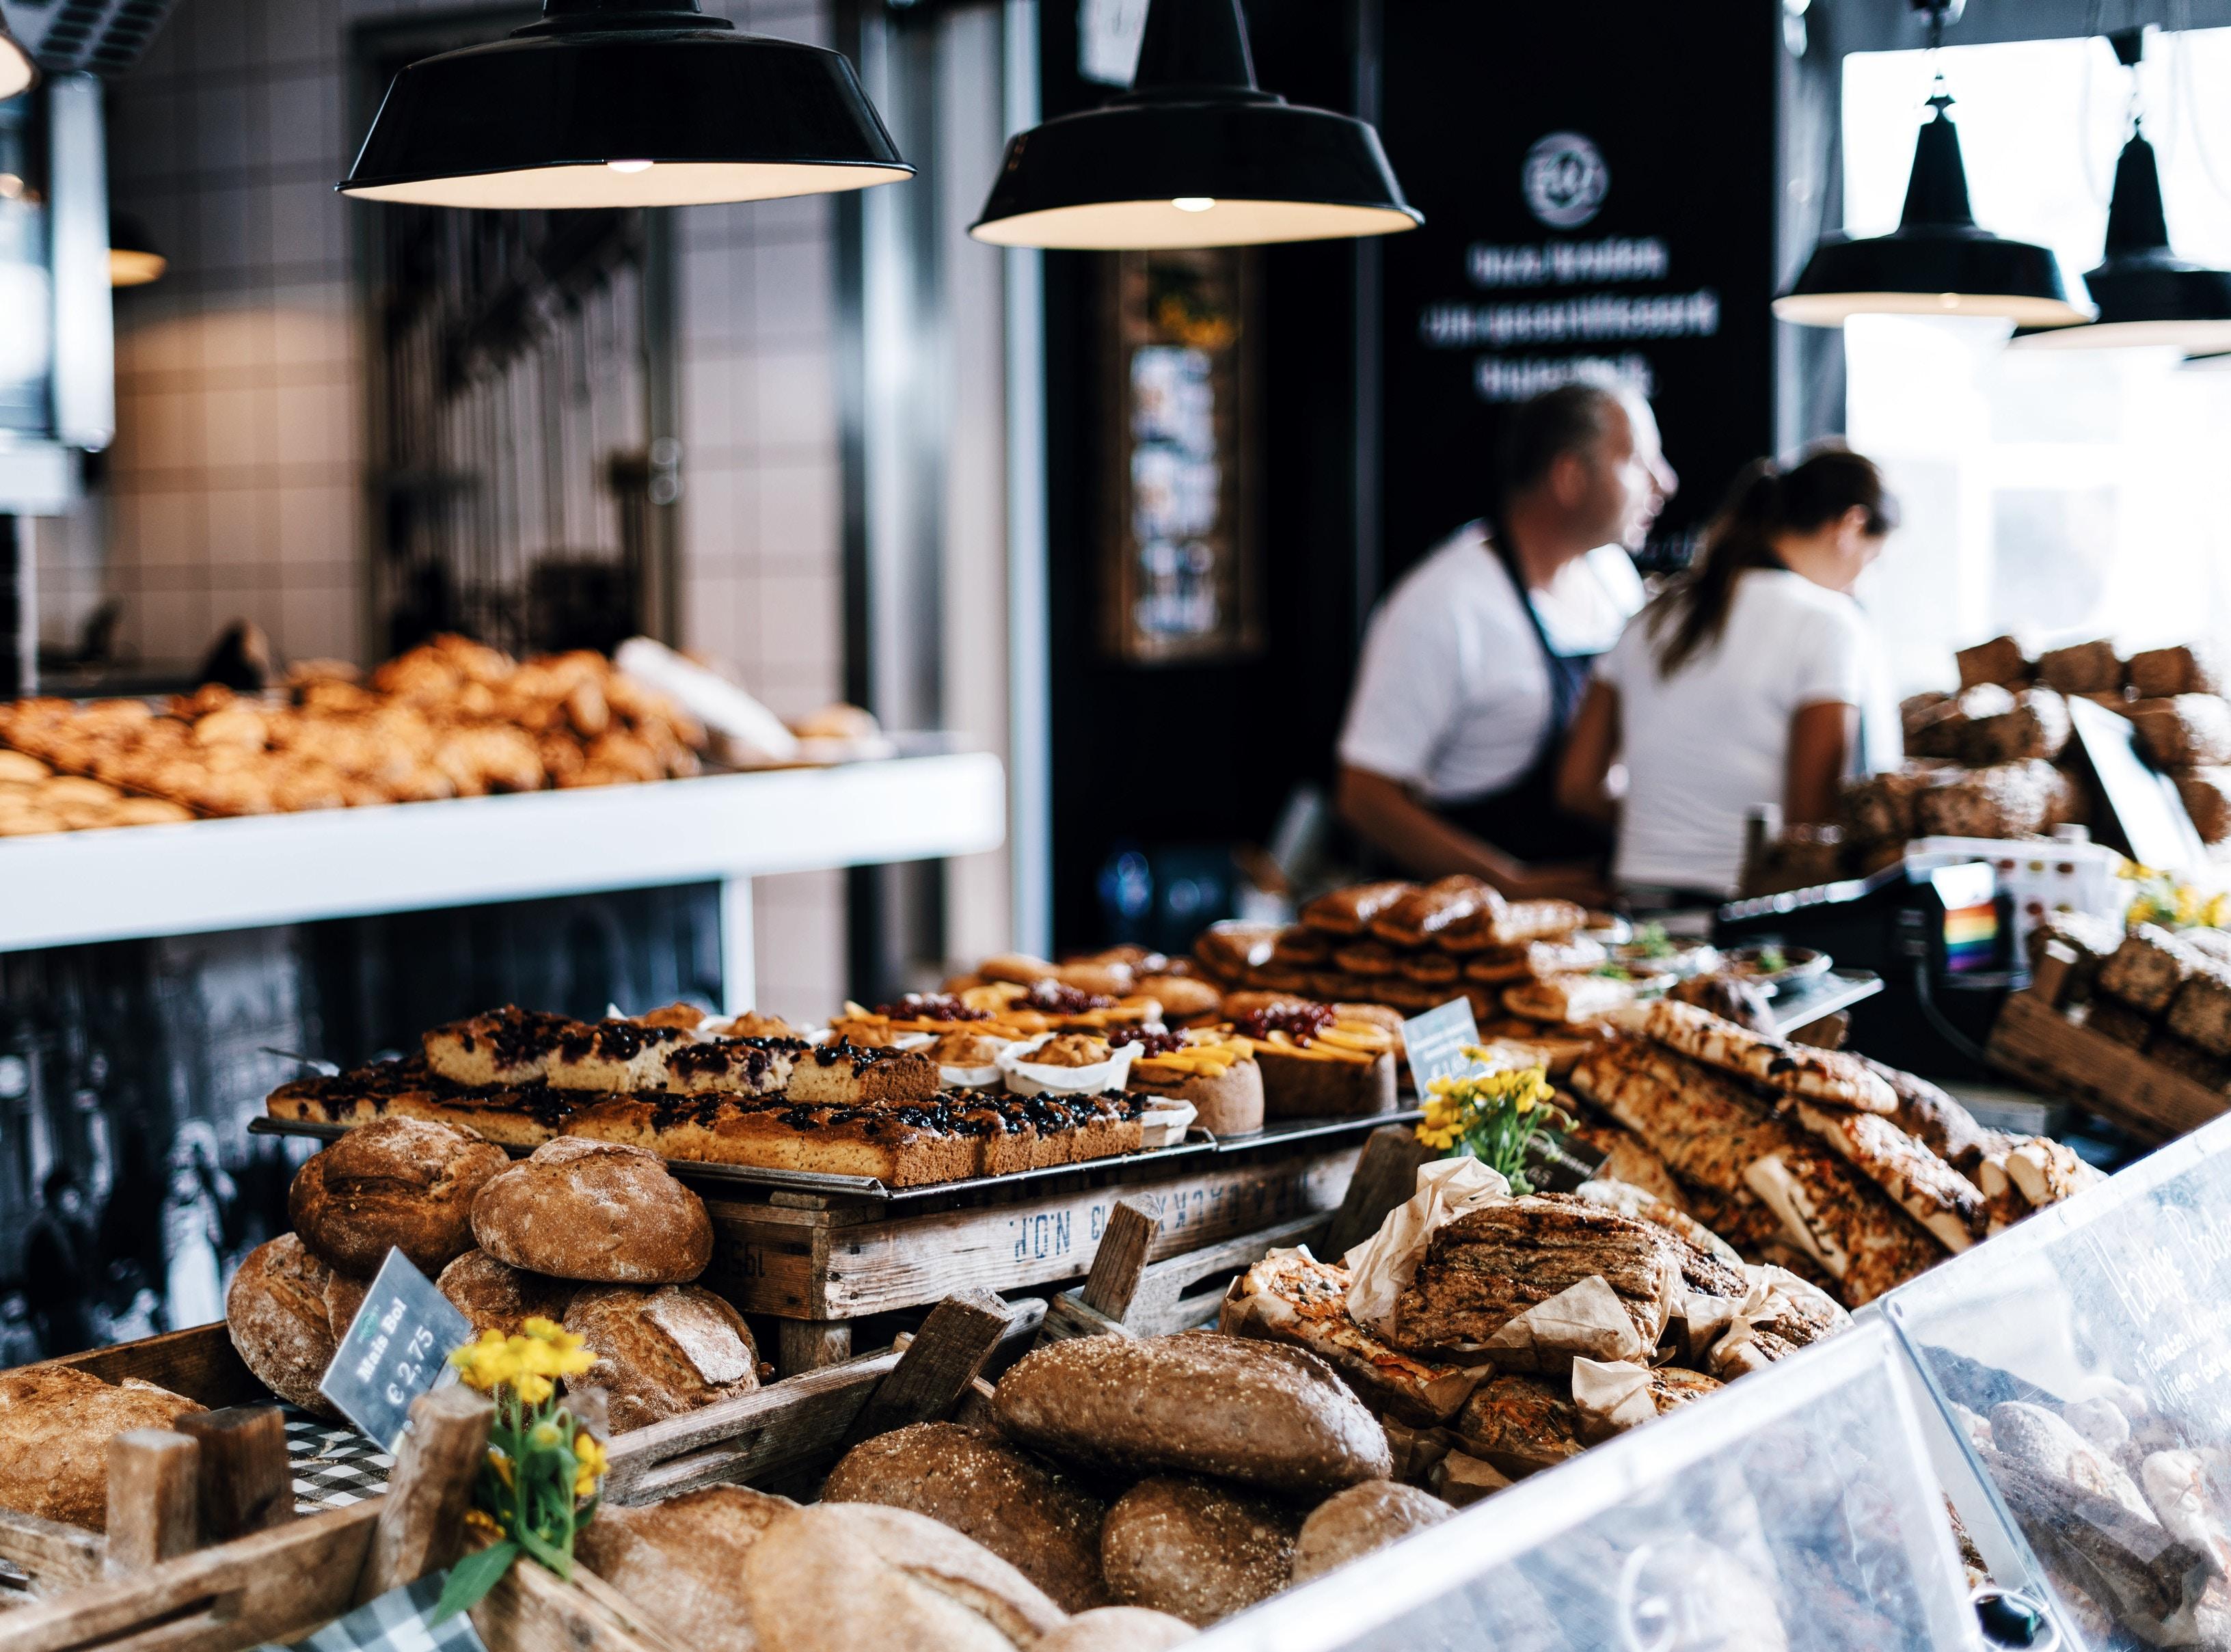 Comptoir boulangerie avec pain frais